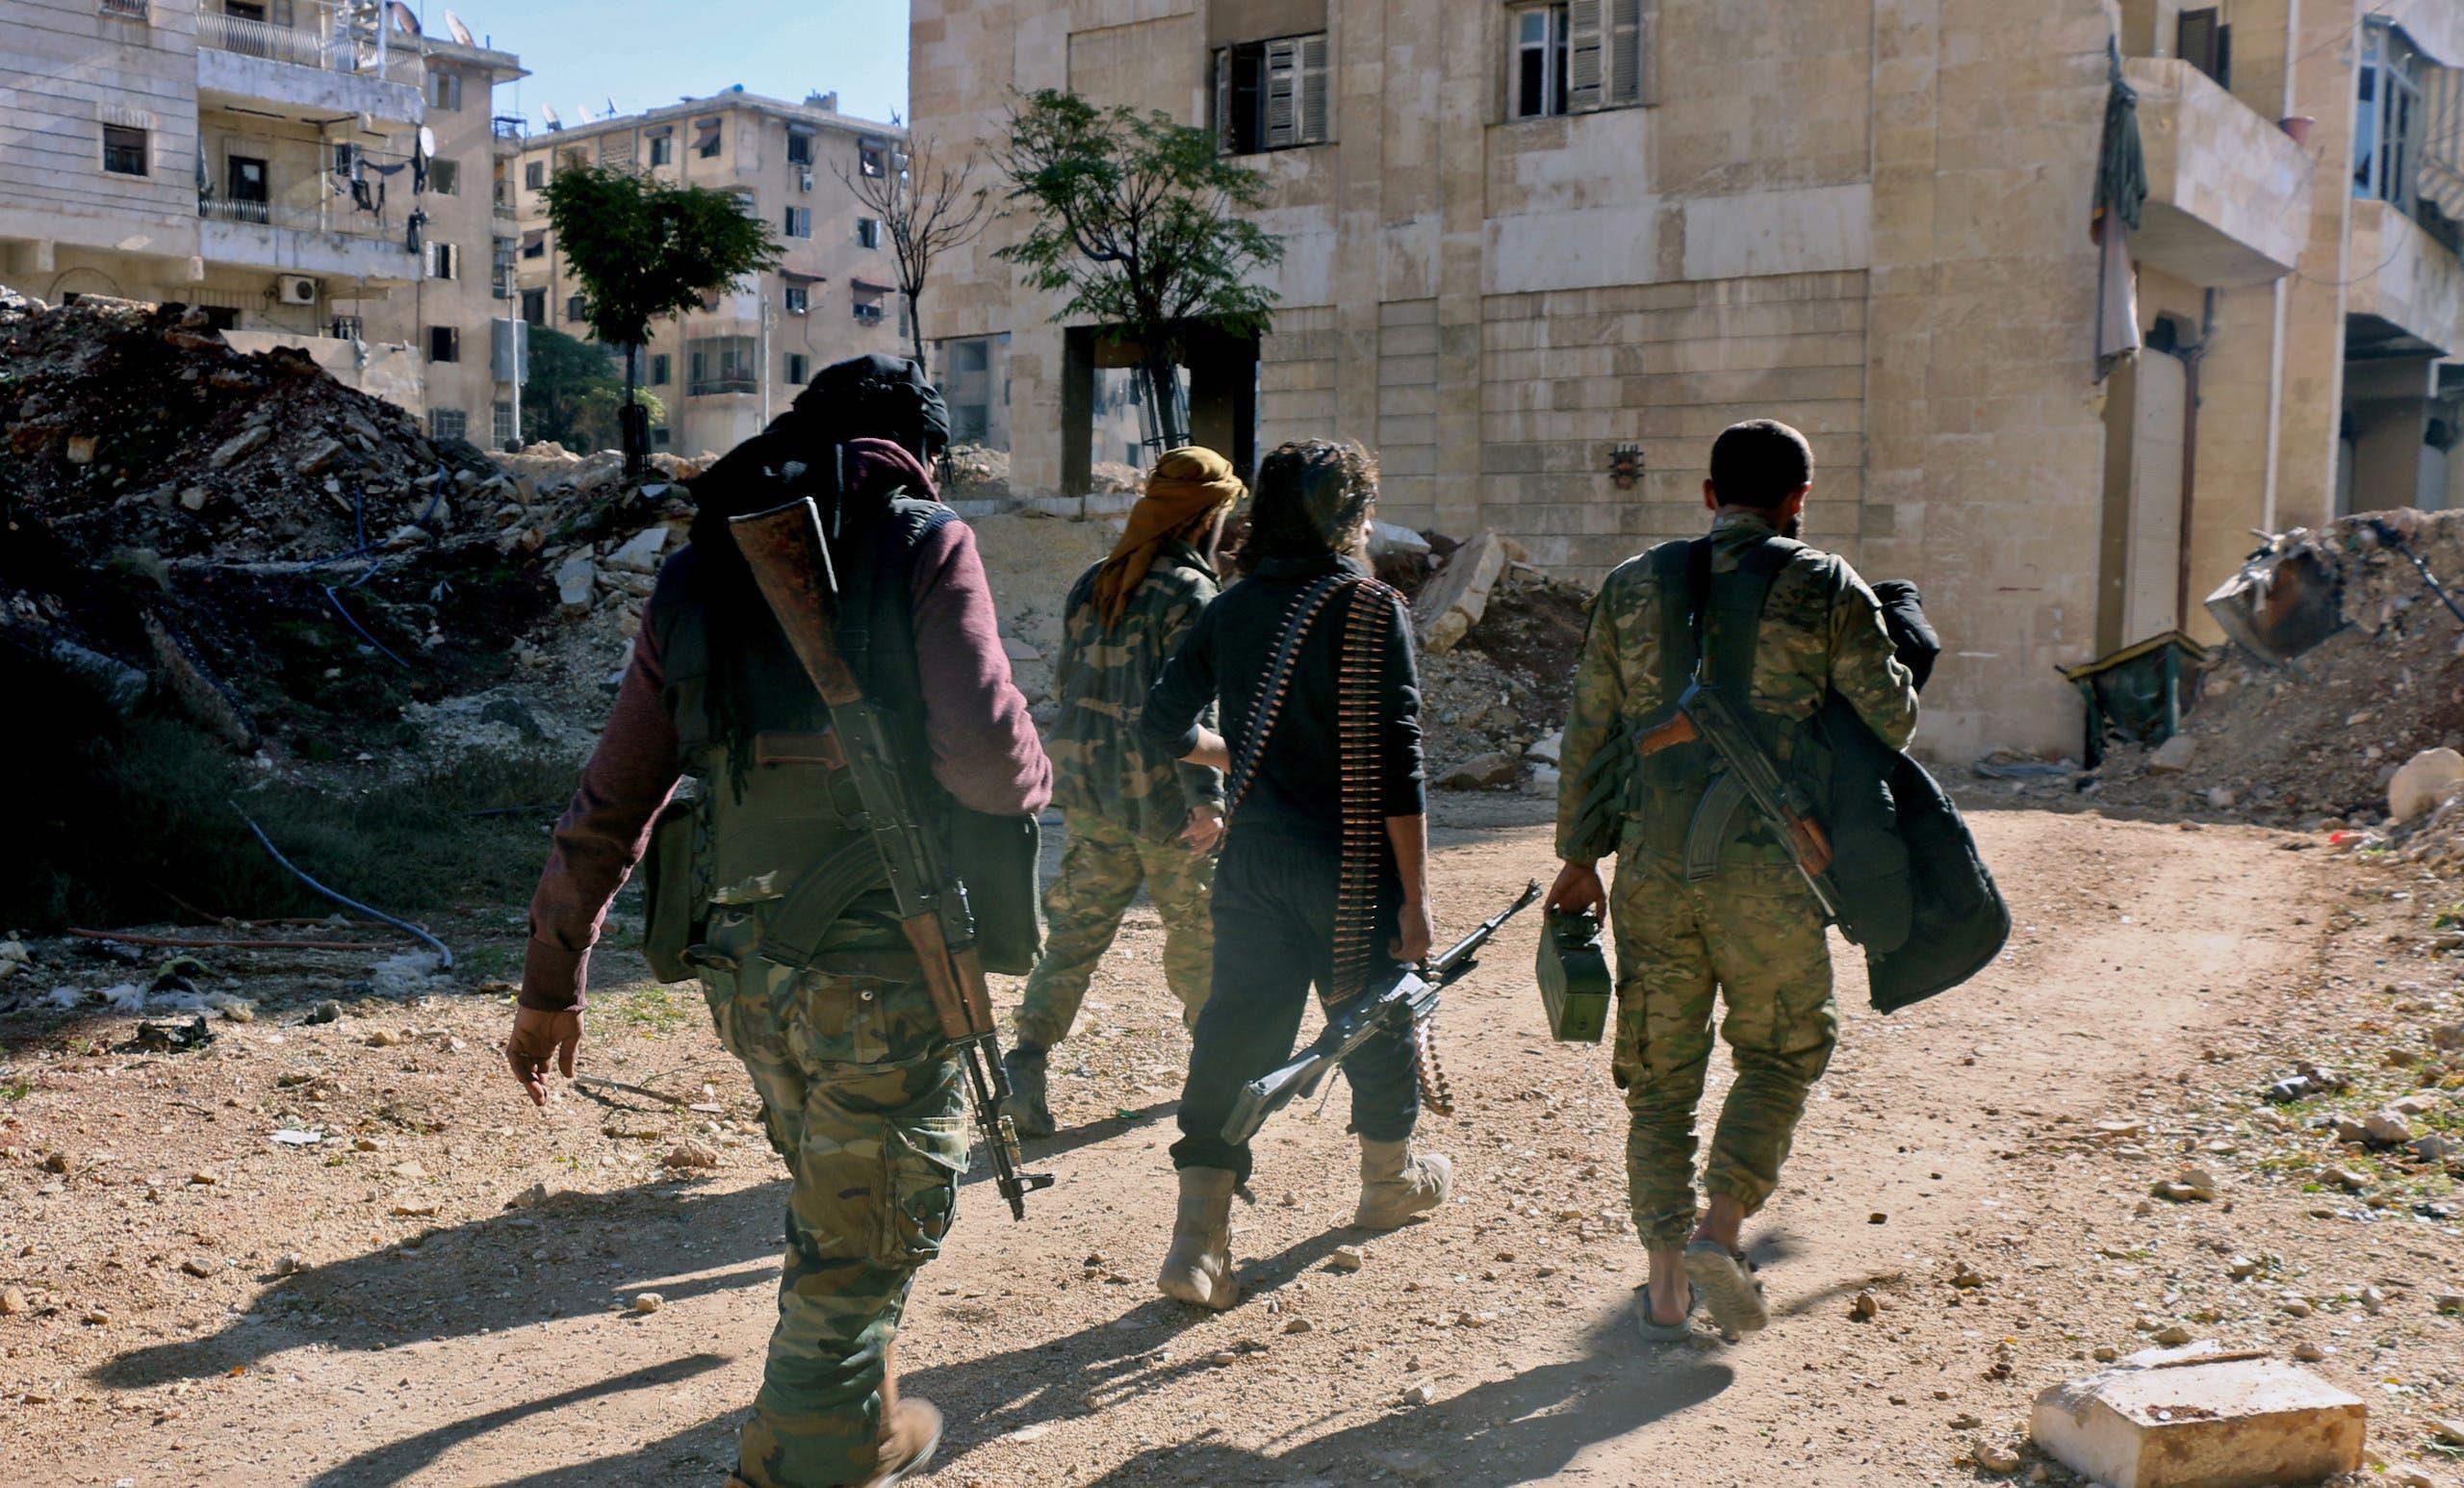 مقاتلون من المعارضة السورية في حلب (أرشيفية)